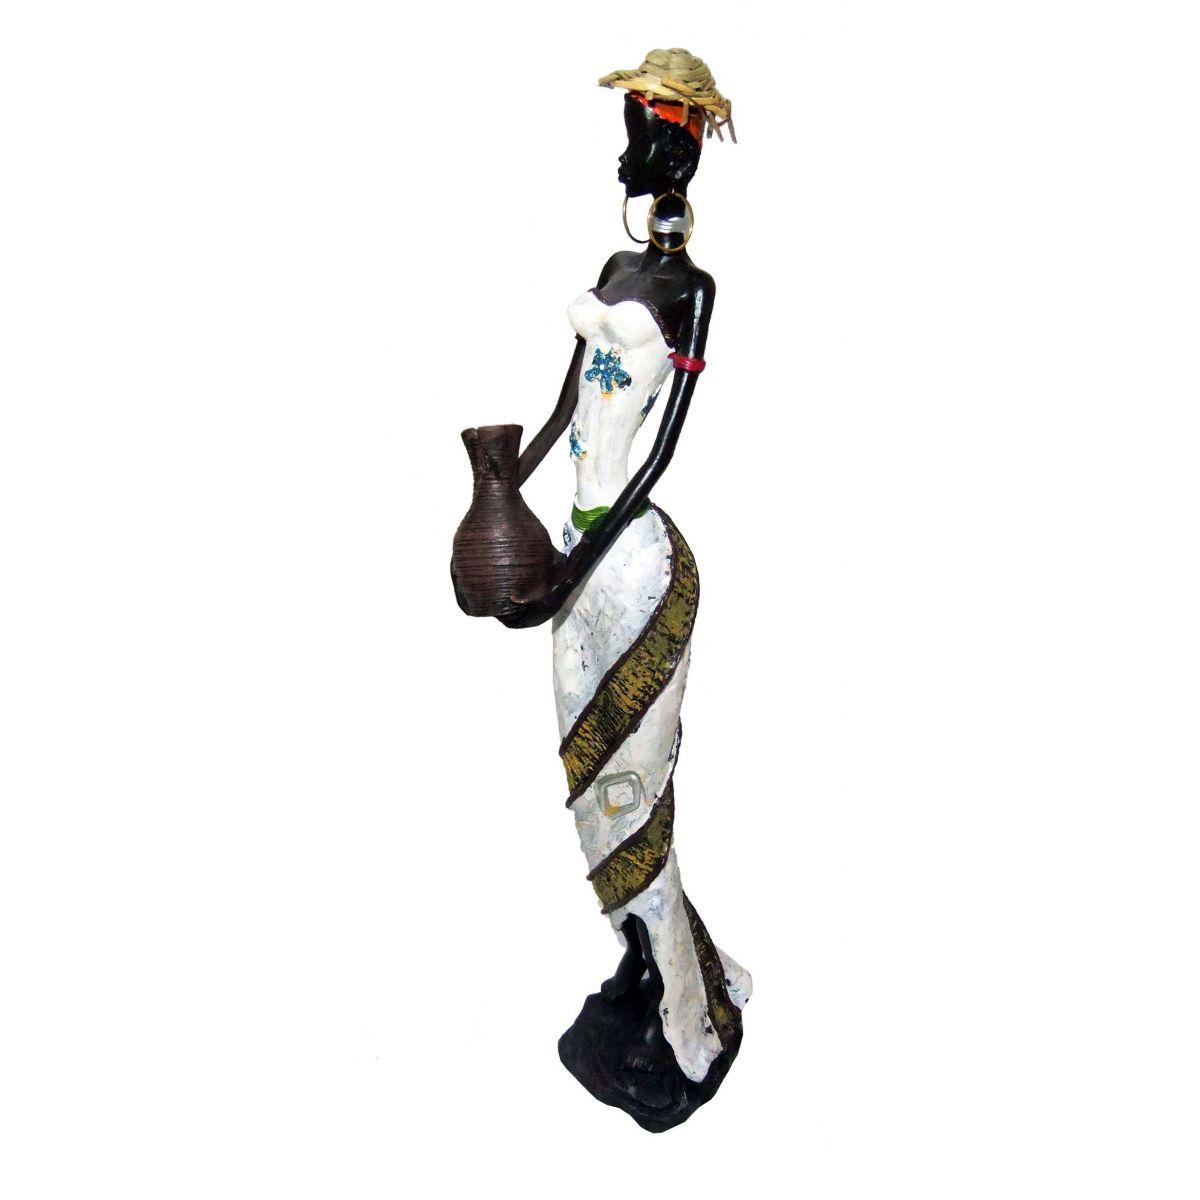 Boneca Africana Estatueta Mesa Roupa Branca (8047)